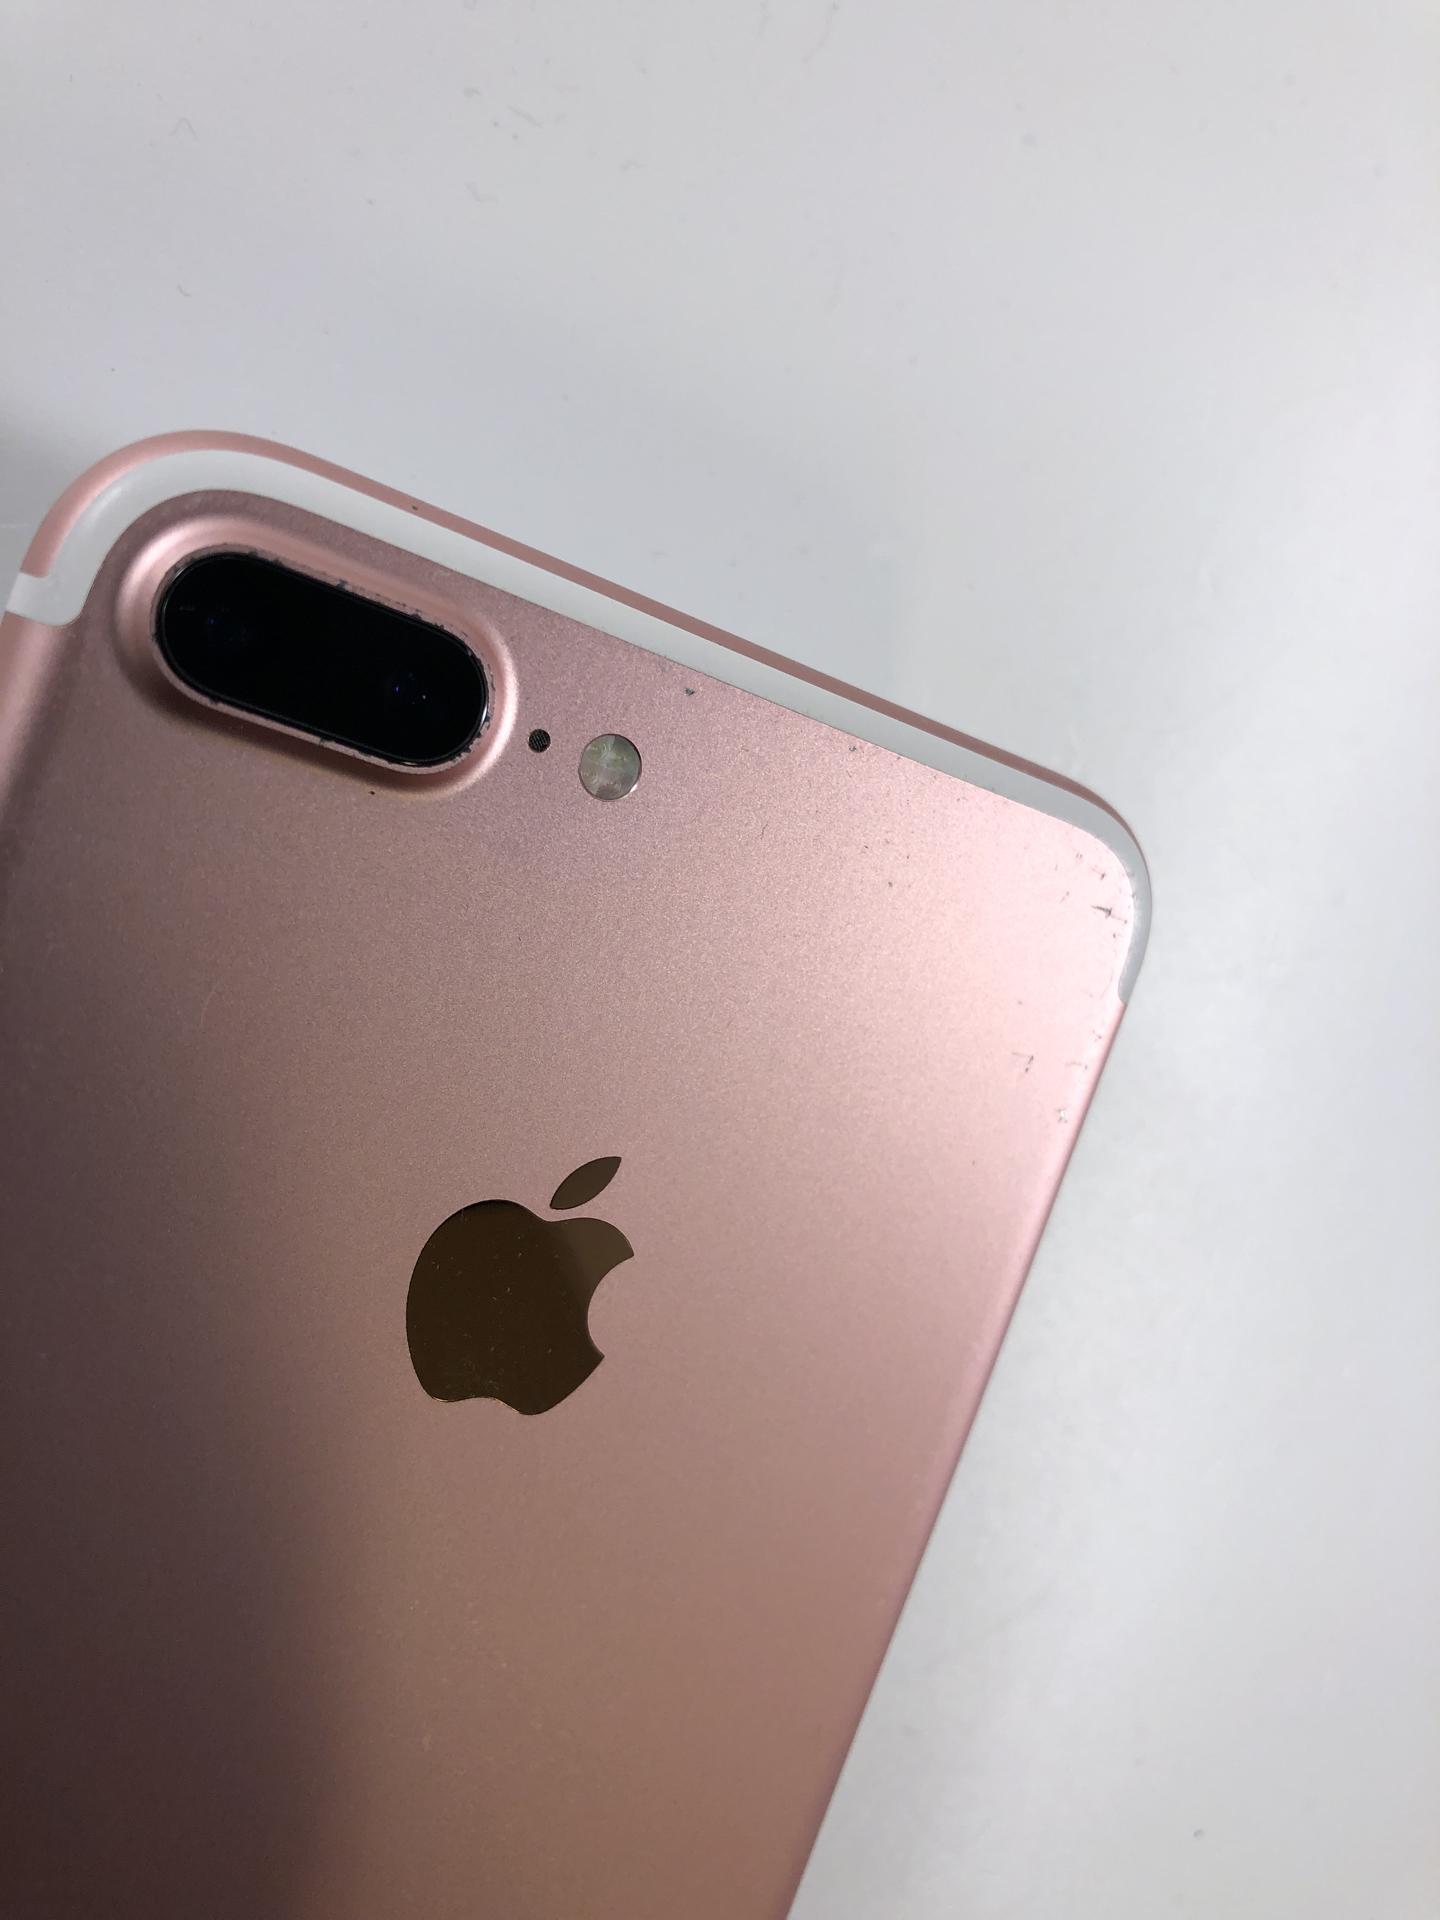 iPhone 7 Plus 256GB, 256GB, Rose Gold, bild 5